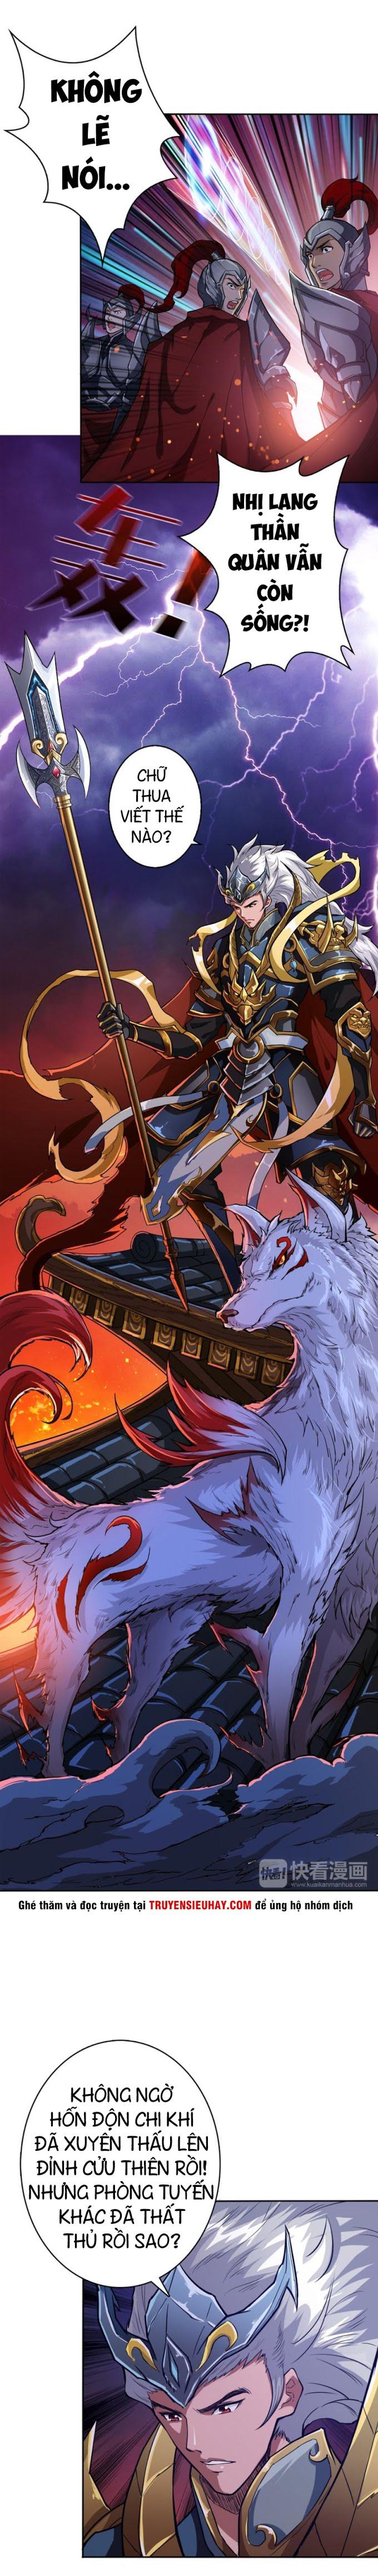 Phệ Thần Kỷ chap 0 - Trang 6